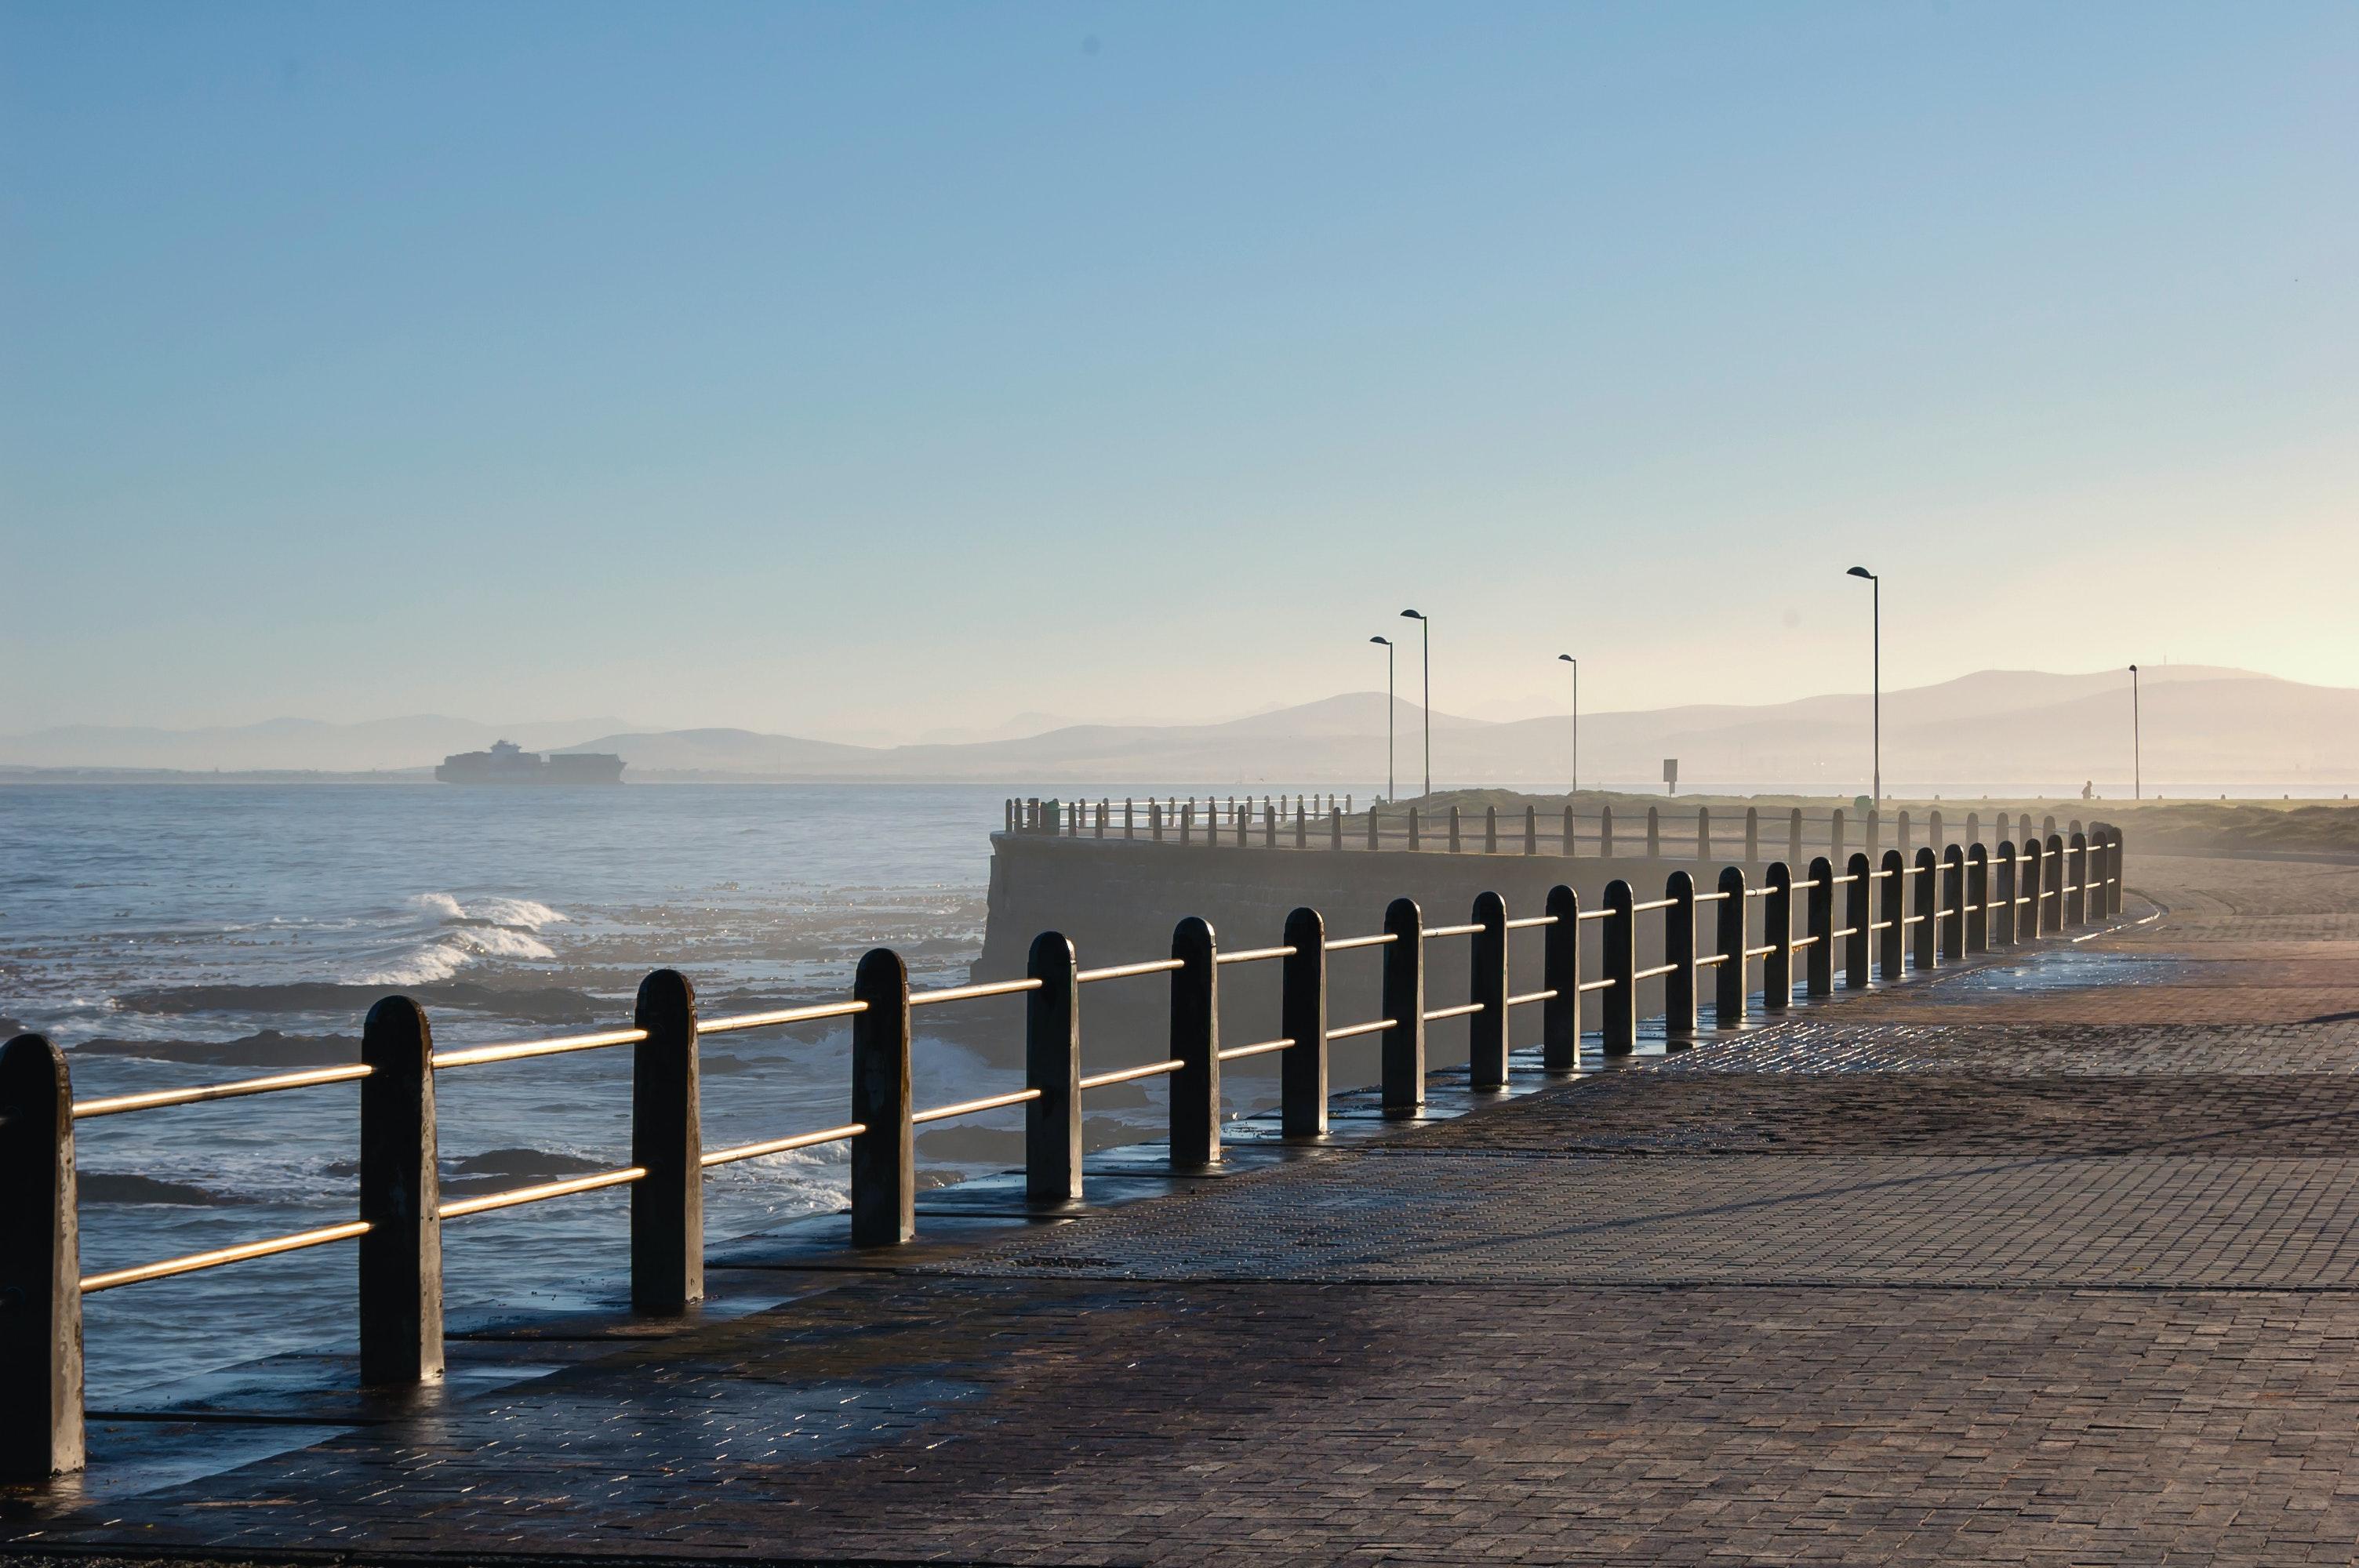 Kostenloses Foto Zum Thema Blaues Meer Früher Morgen